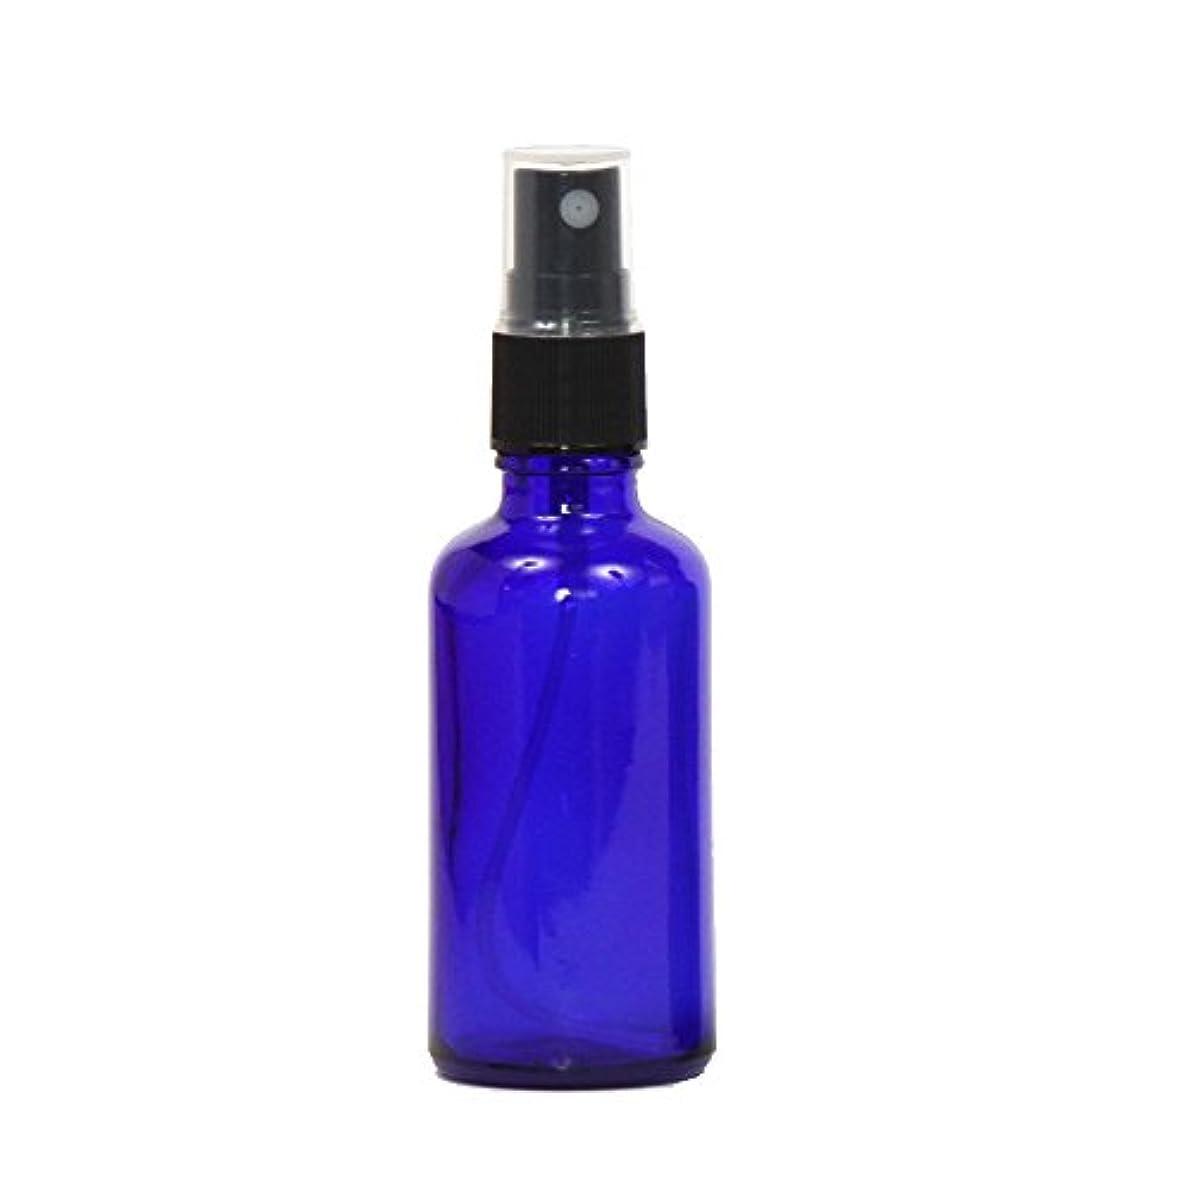 ブロー保持選択するスプレー容器 ガラス瓶ボトル 50mL 遮光性ブルー おしゃれガラスアトマイザー 空容器bu50g